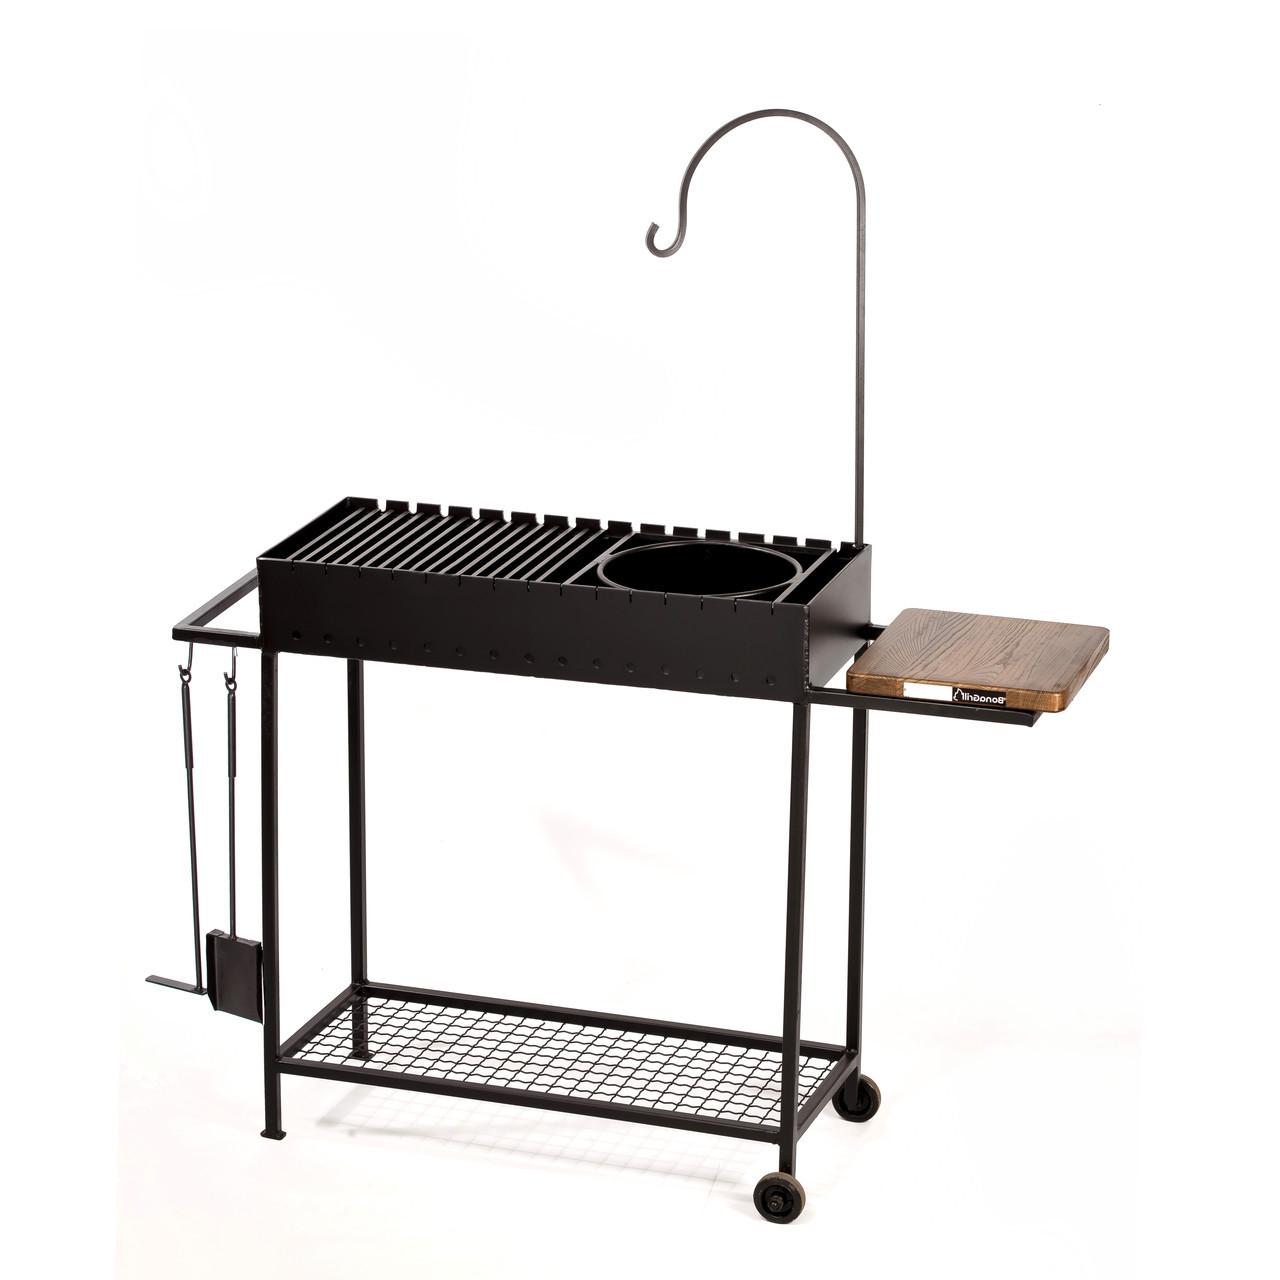 Мангал Bona Grill Складной Лайт 800 + Комплект дополнений